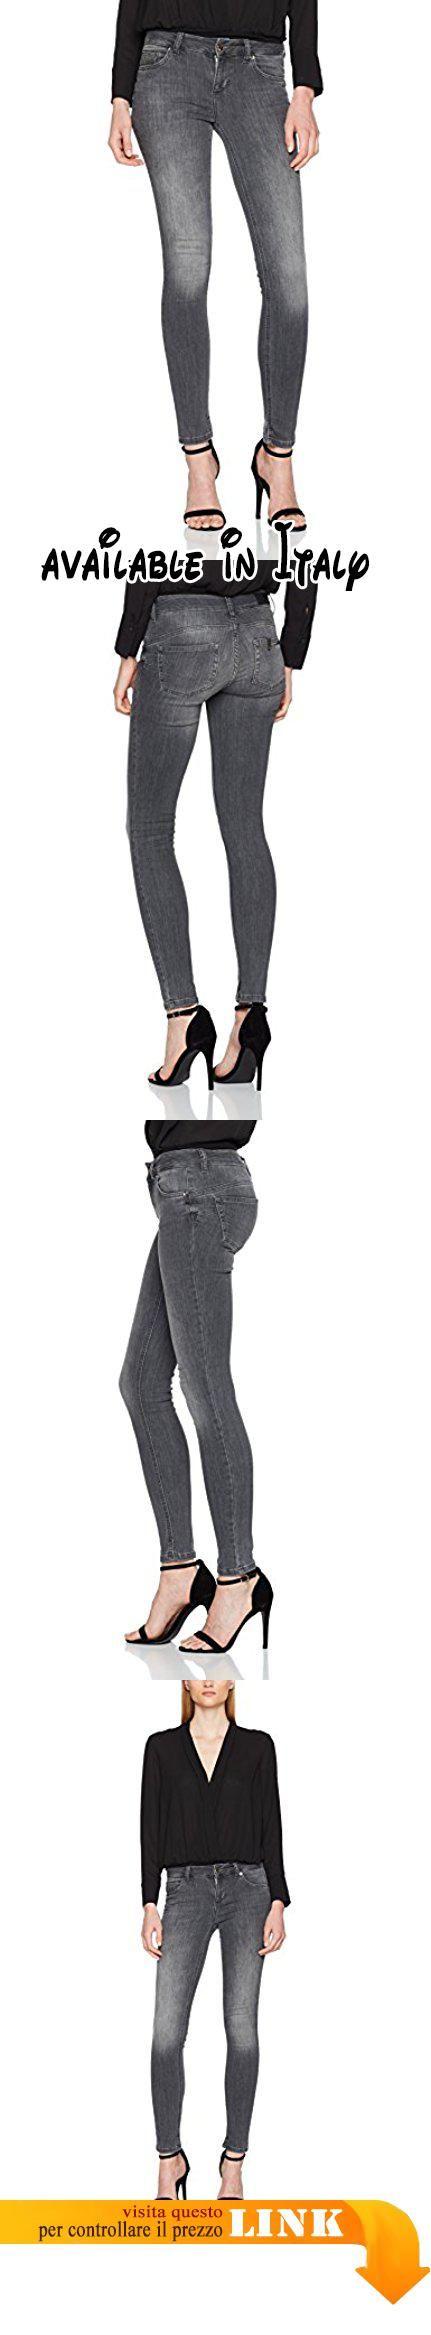 16a7d635edeaf B071RSDD21   Liu Jo B.UP Fabulous REG.W. Jeans Skinny Donna Grau ...